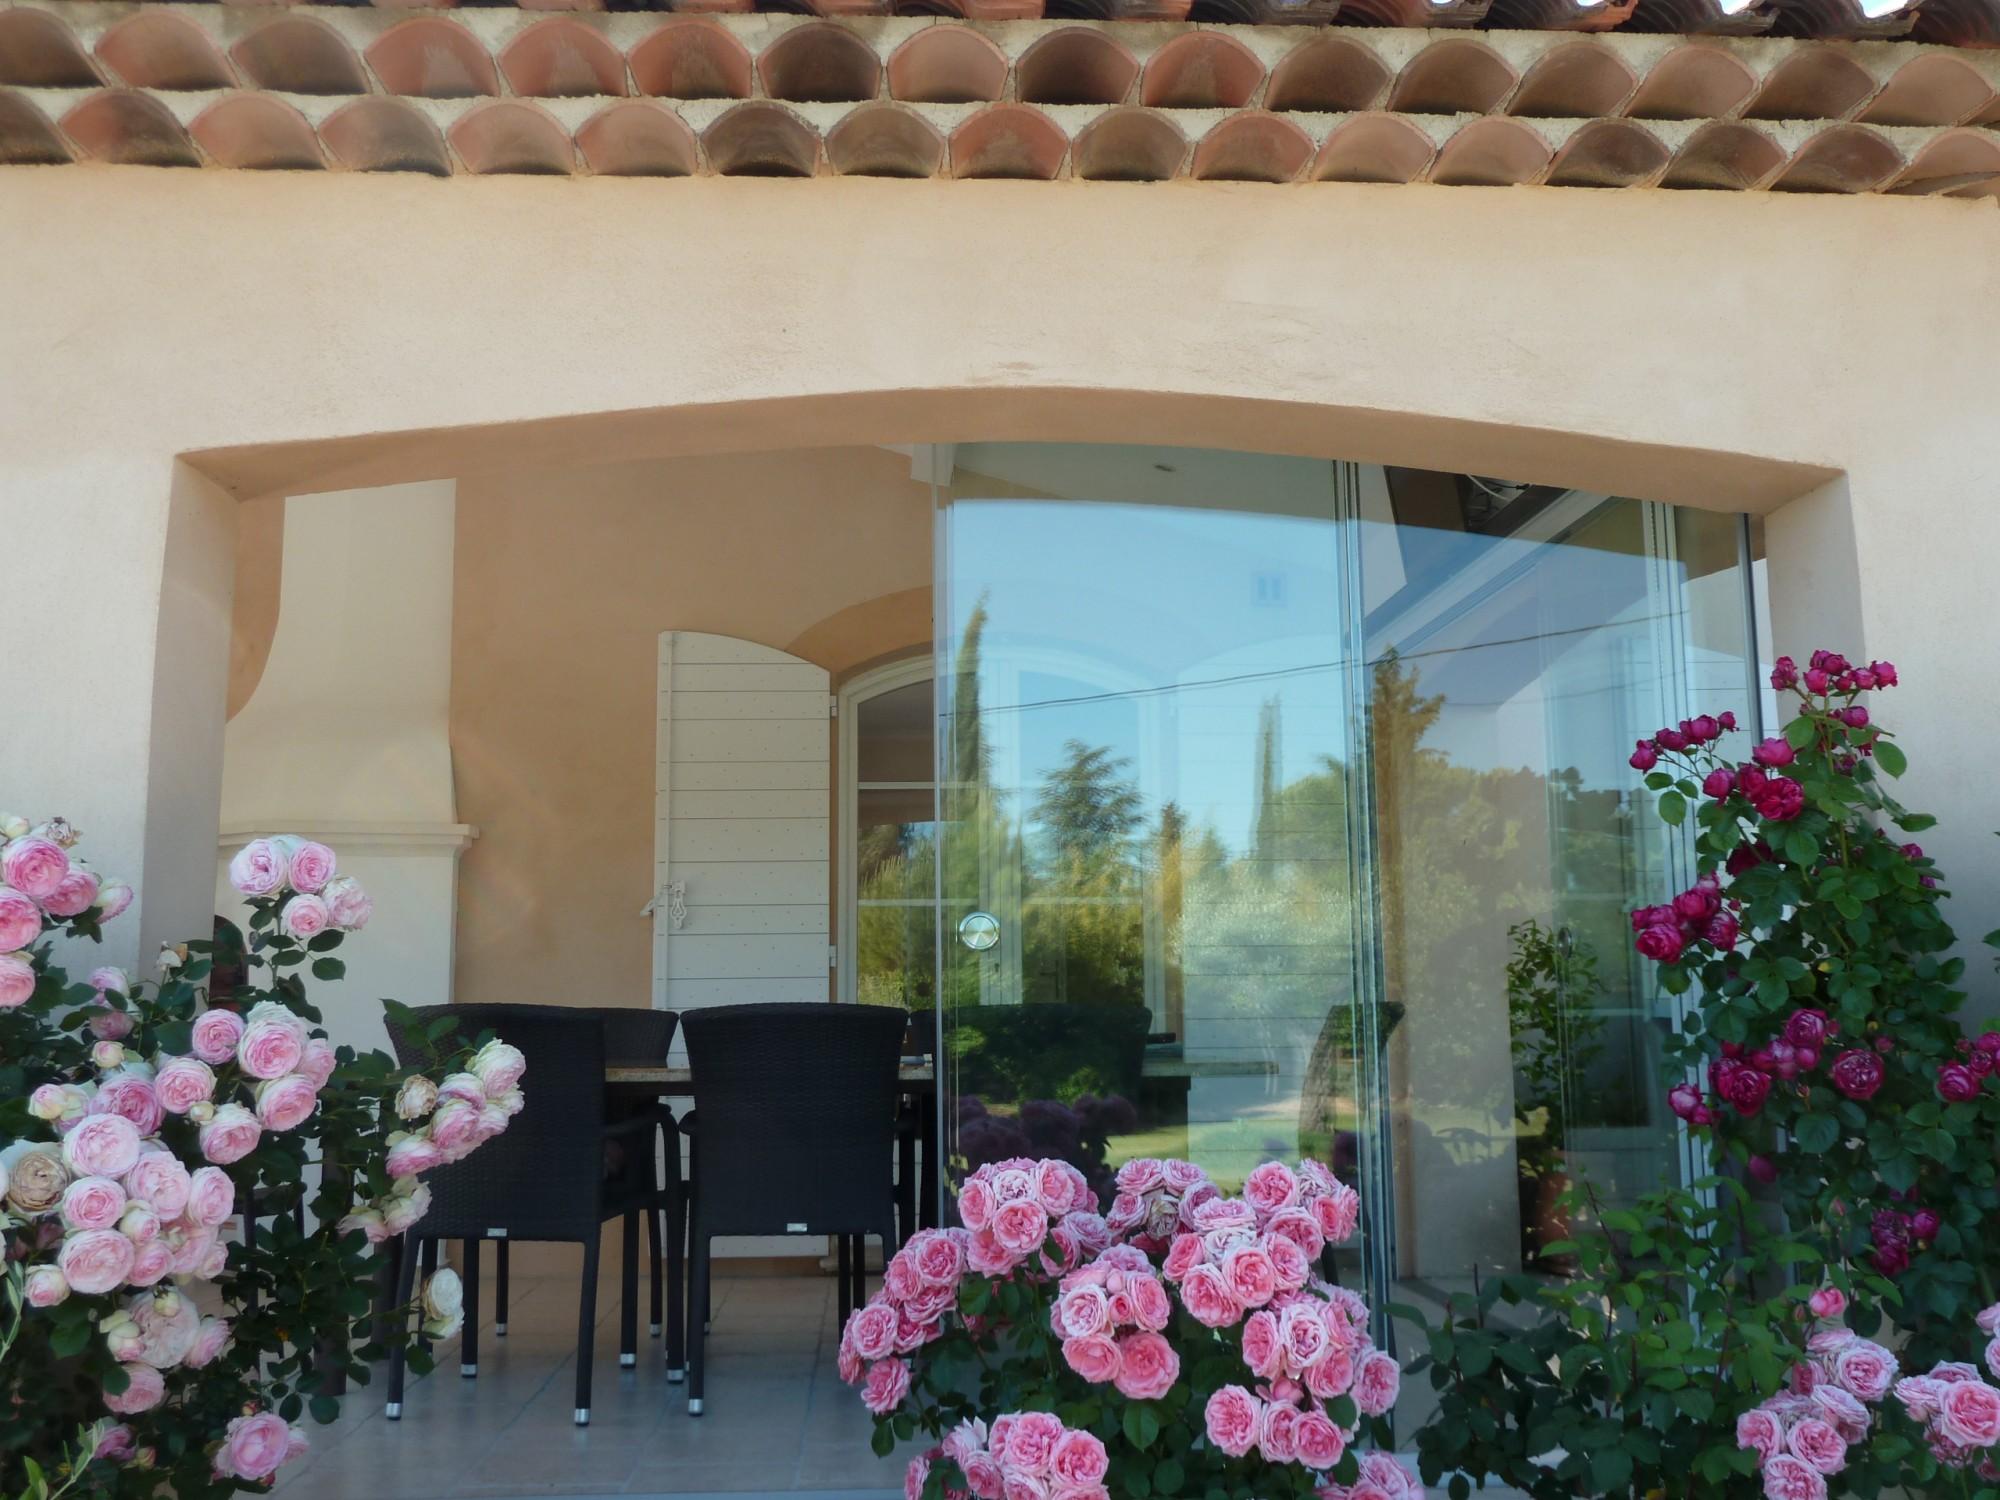 comment fermer une terrasse couverte en provence afp 13. Black Bedroom Furniture Sets. Home Design Ideas